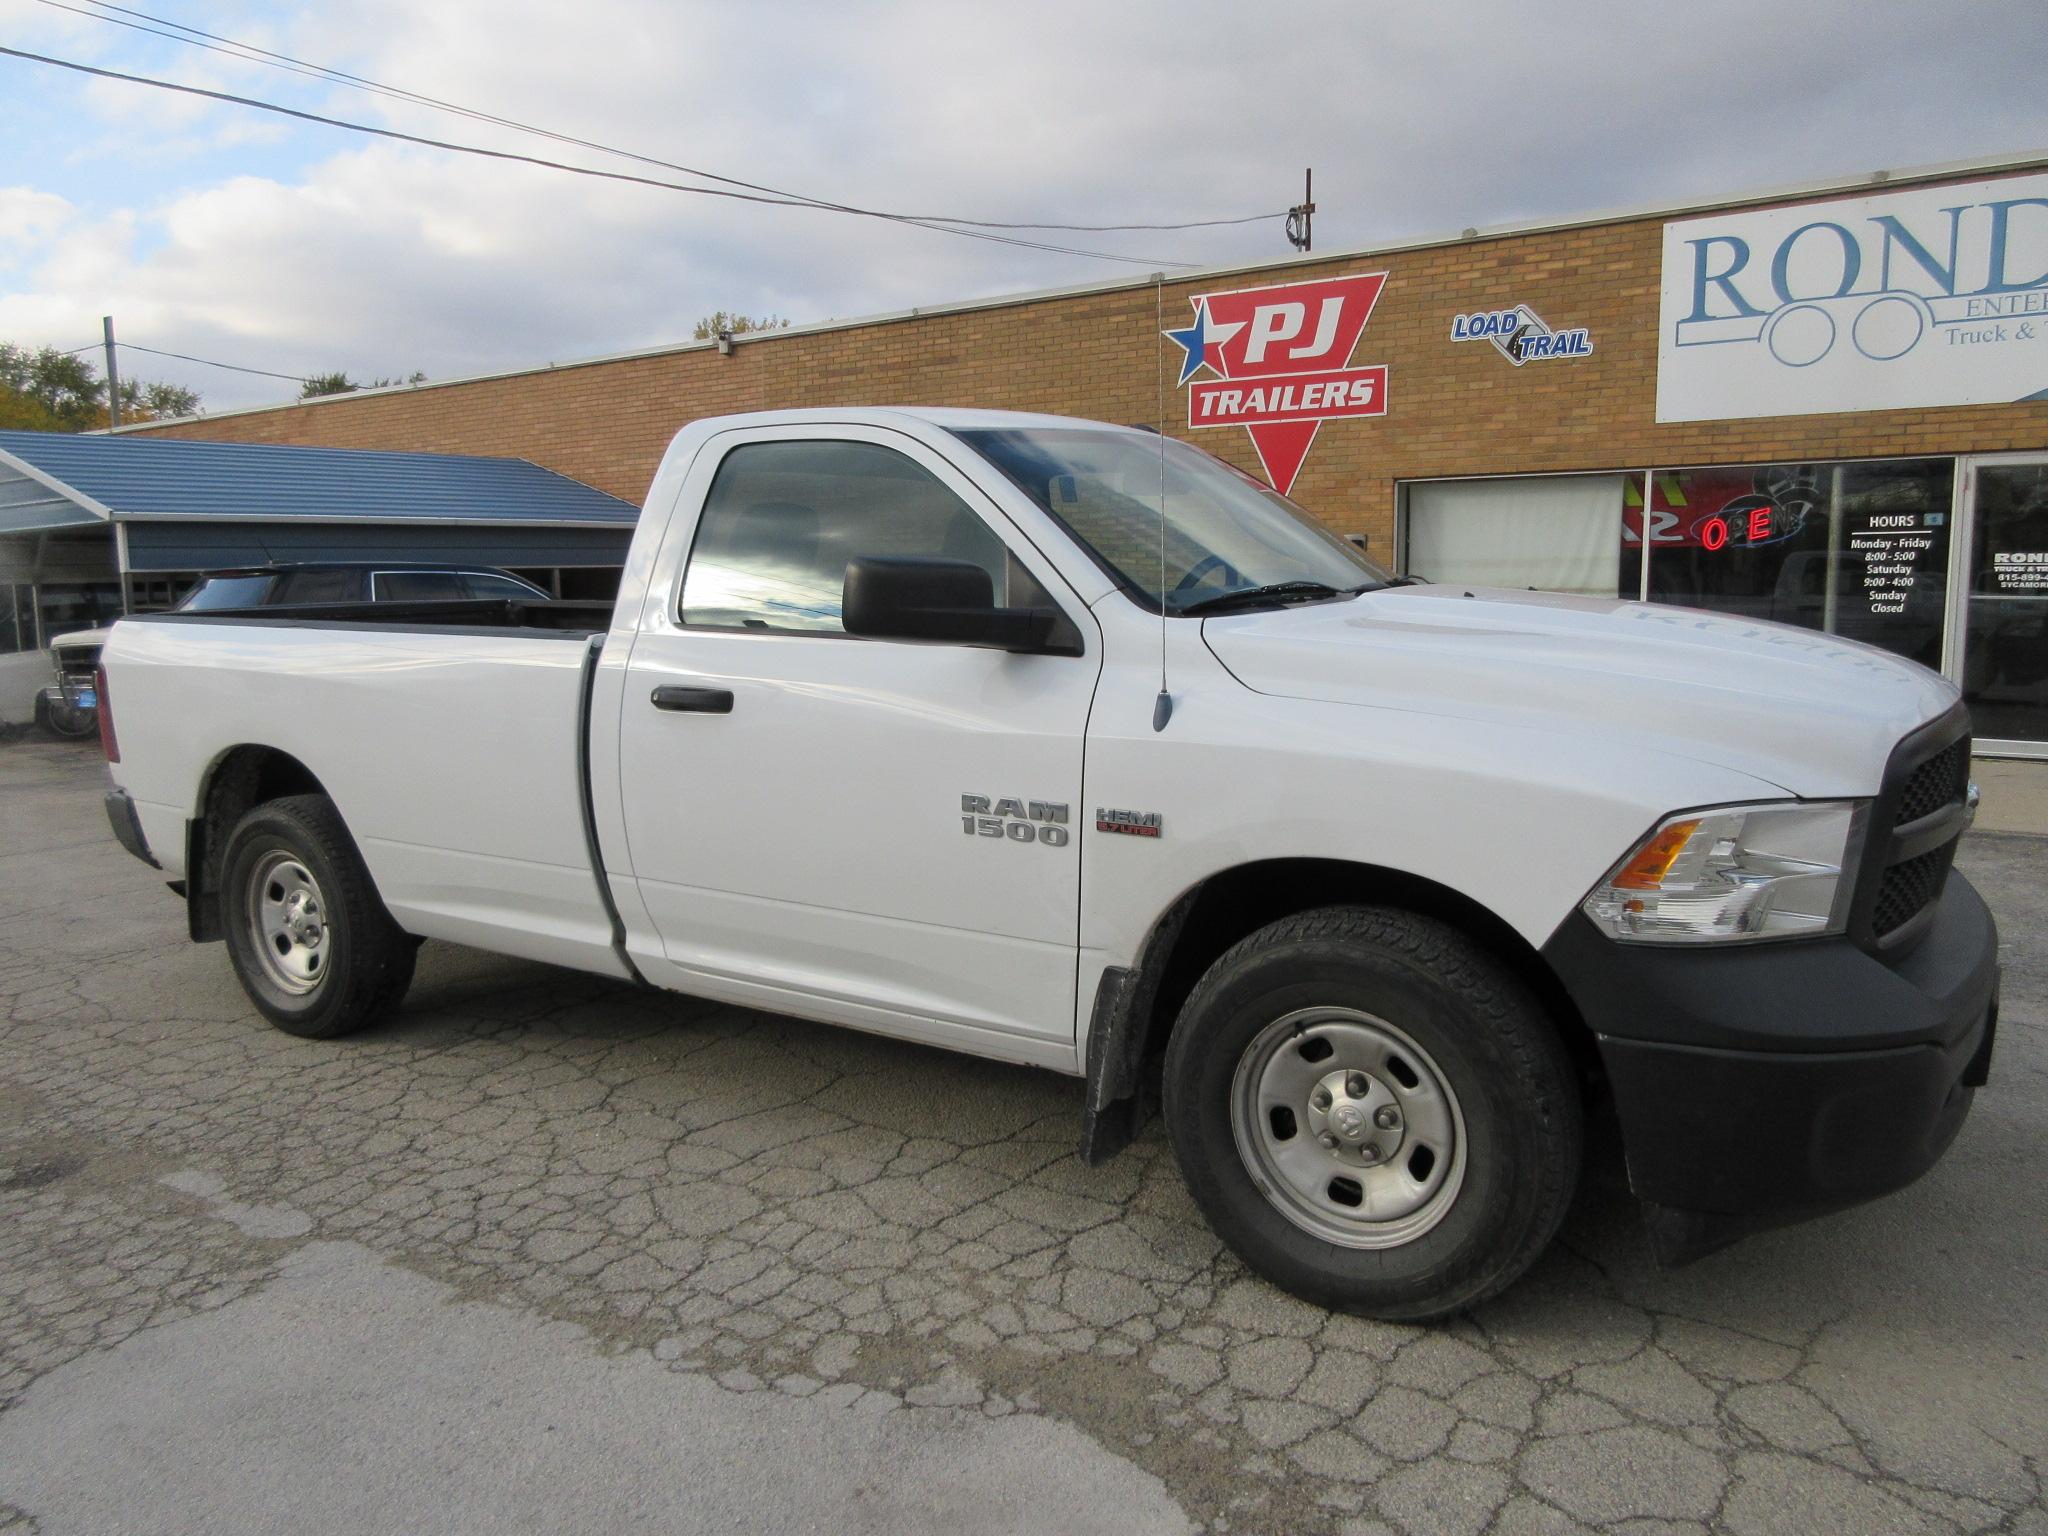 2013 Ram 1500 Regular Cab Long Bed Tradesman